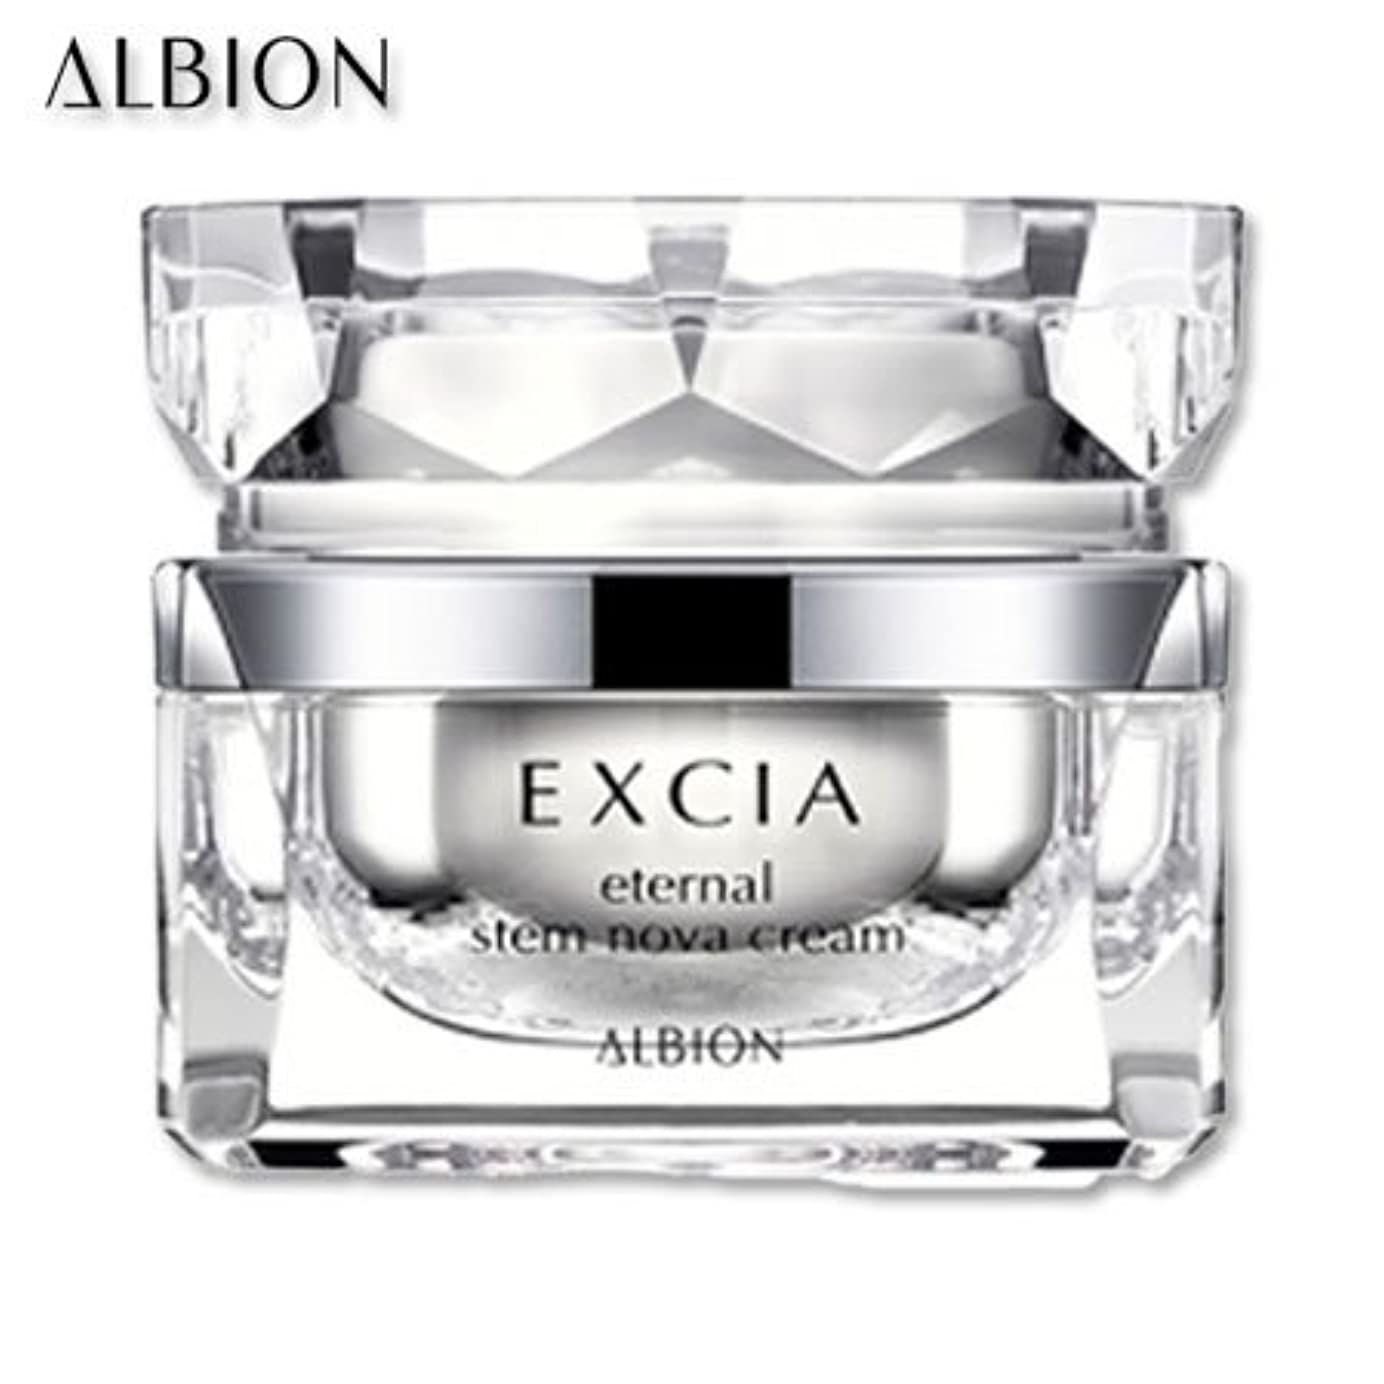 錫不規則なホースアルビオン エクシア AL エターナル ステム ノーヴァ クリーム 30g-ALBION-